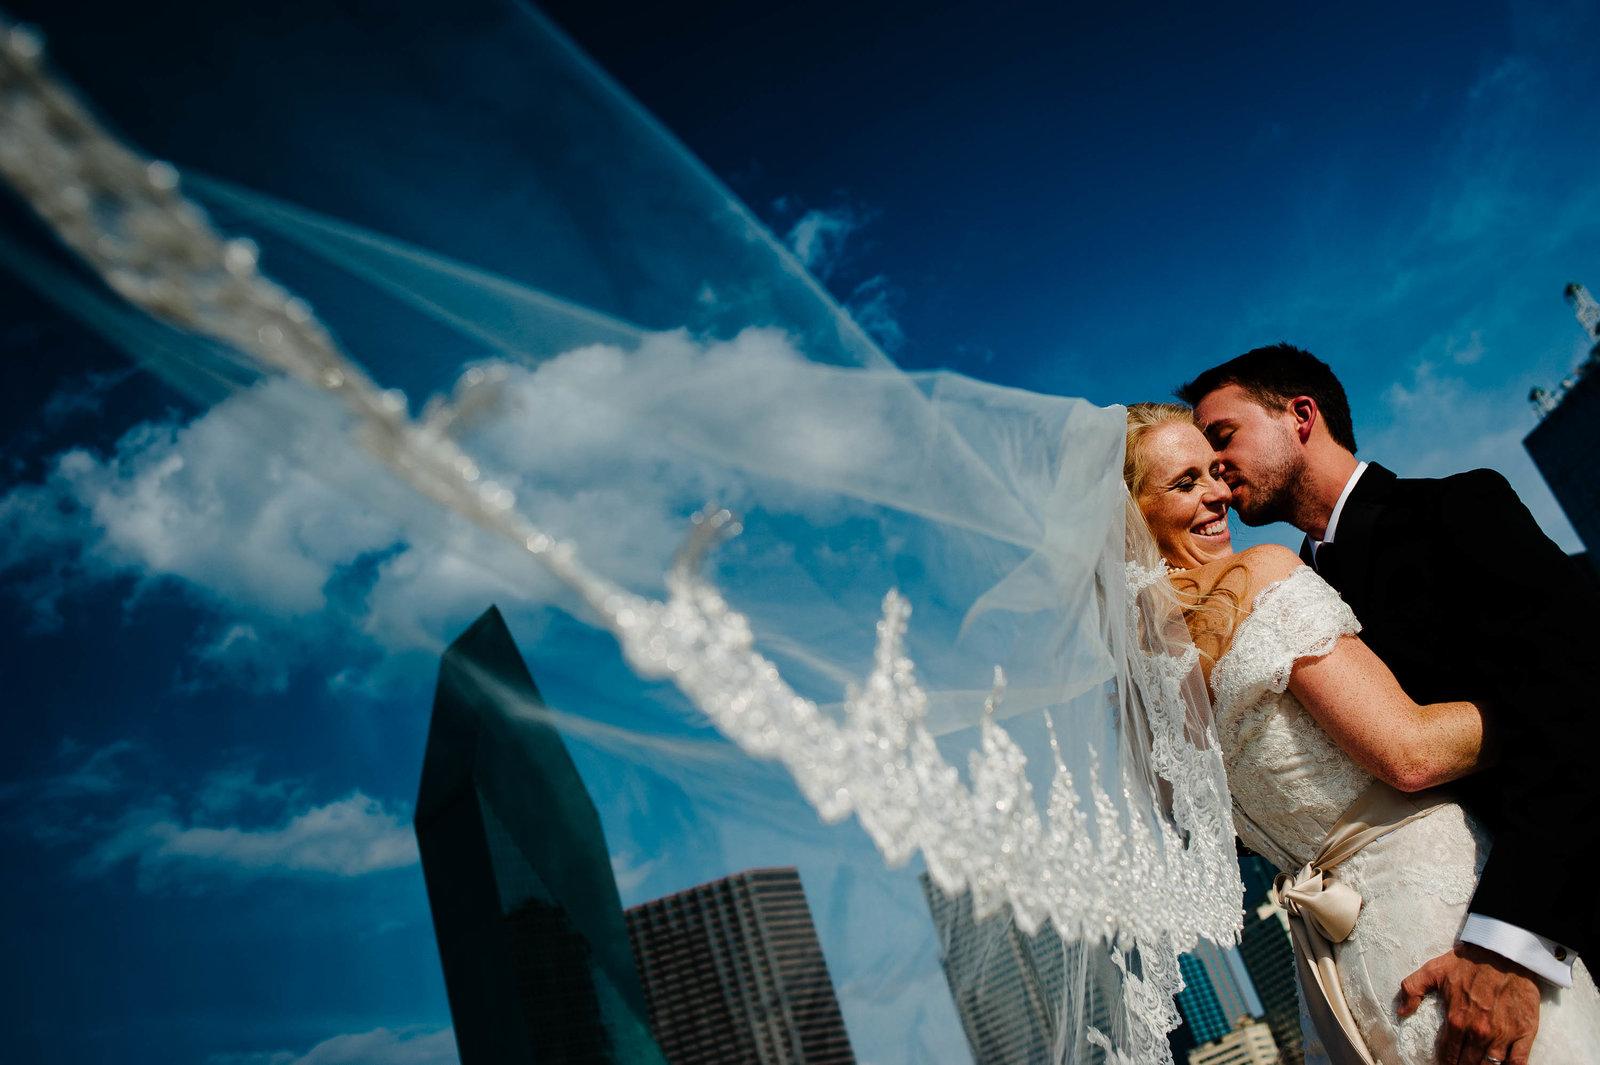 234-El-paso-wedding-photographer-El Paso Wedding Photographer_P03